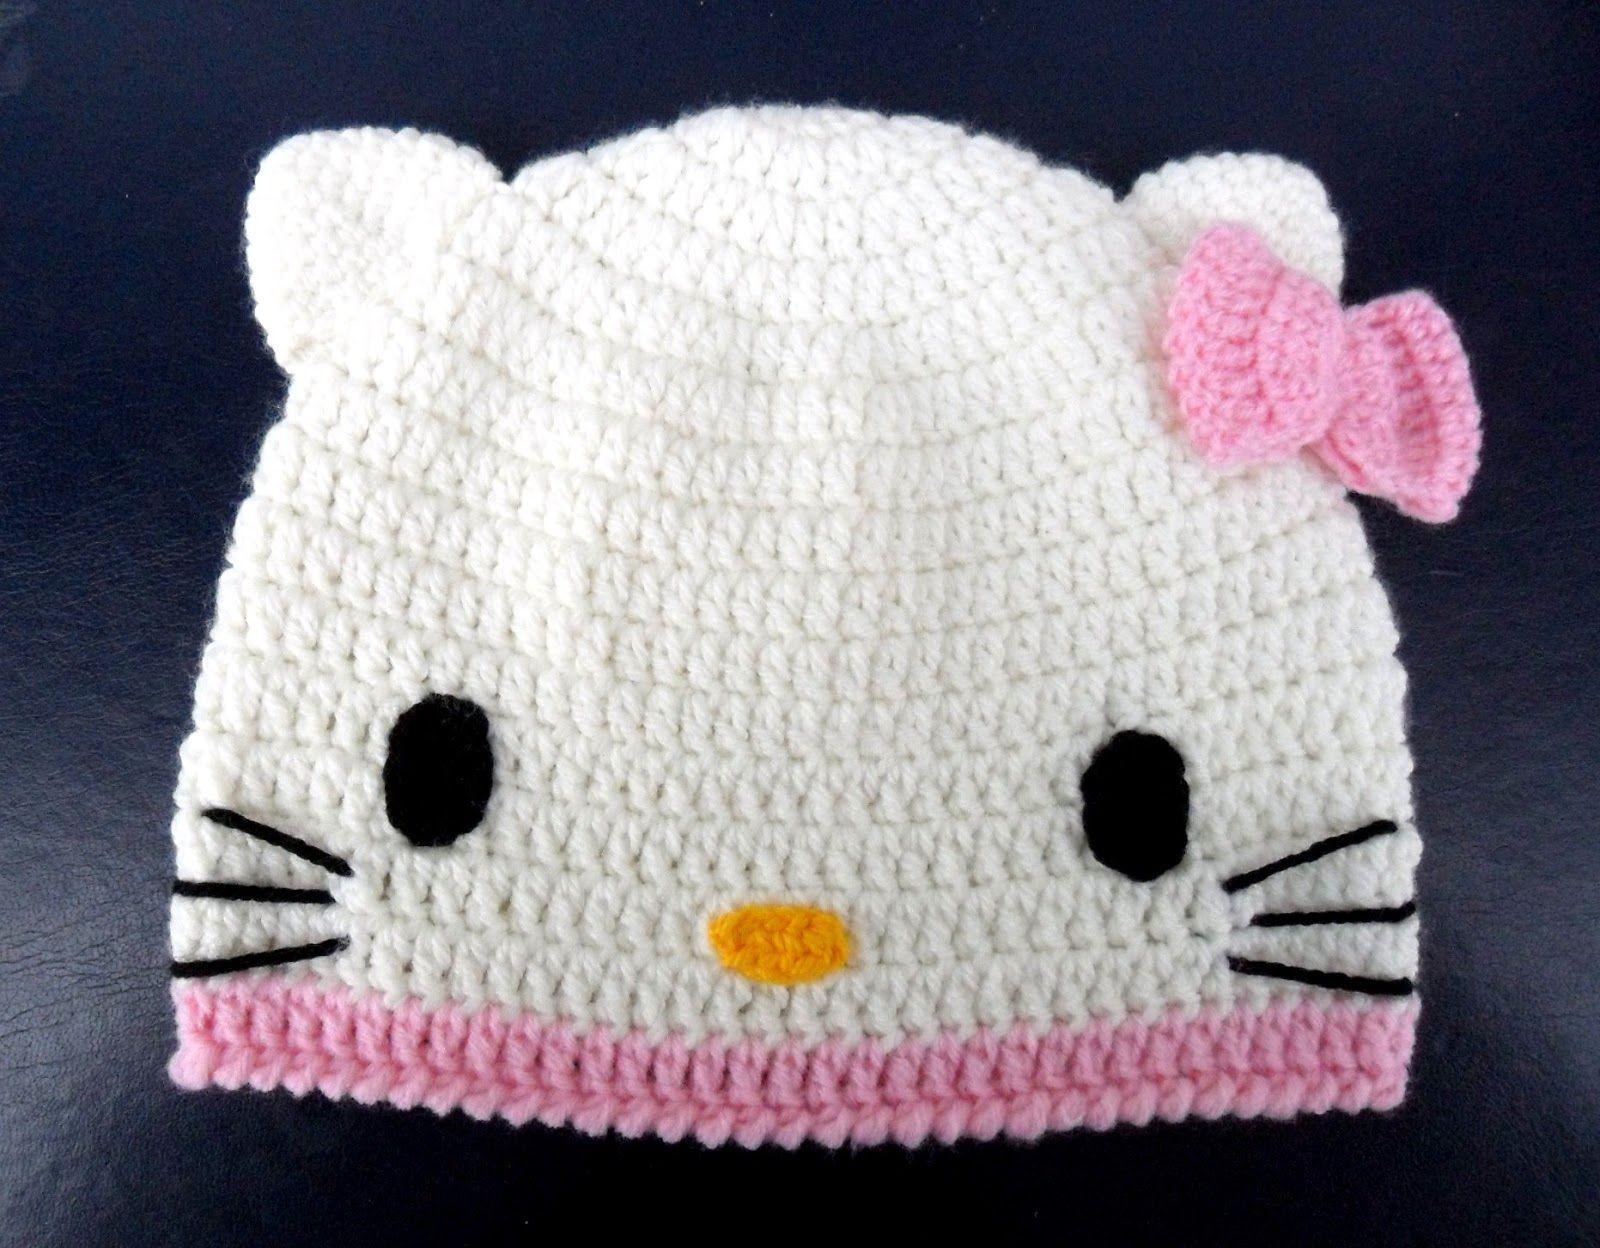 Dorable Libre De Hello Kitty Patrón De Crochet Sombrero Patrón ...